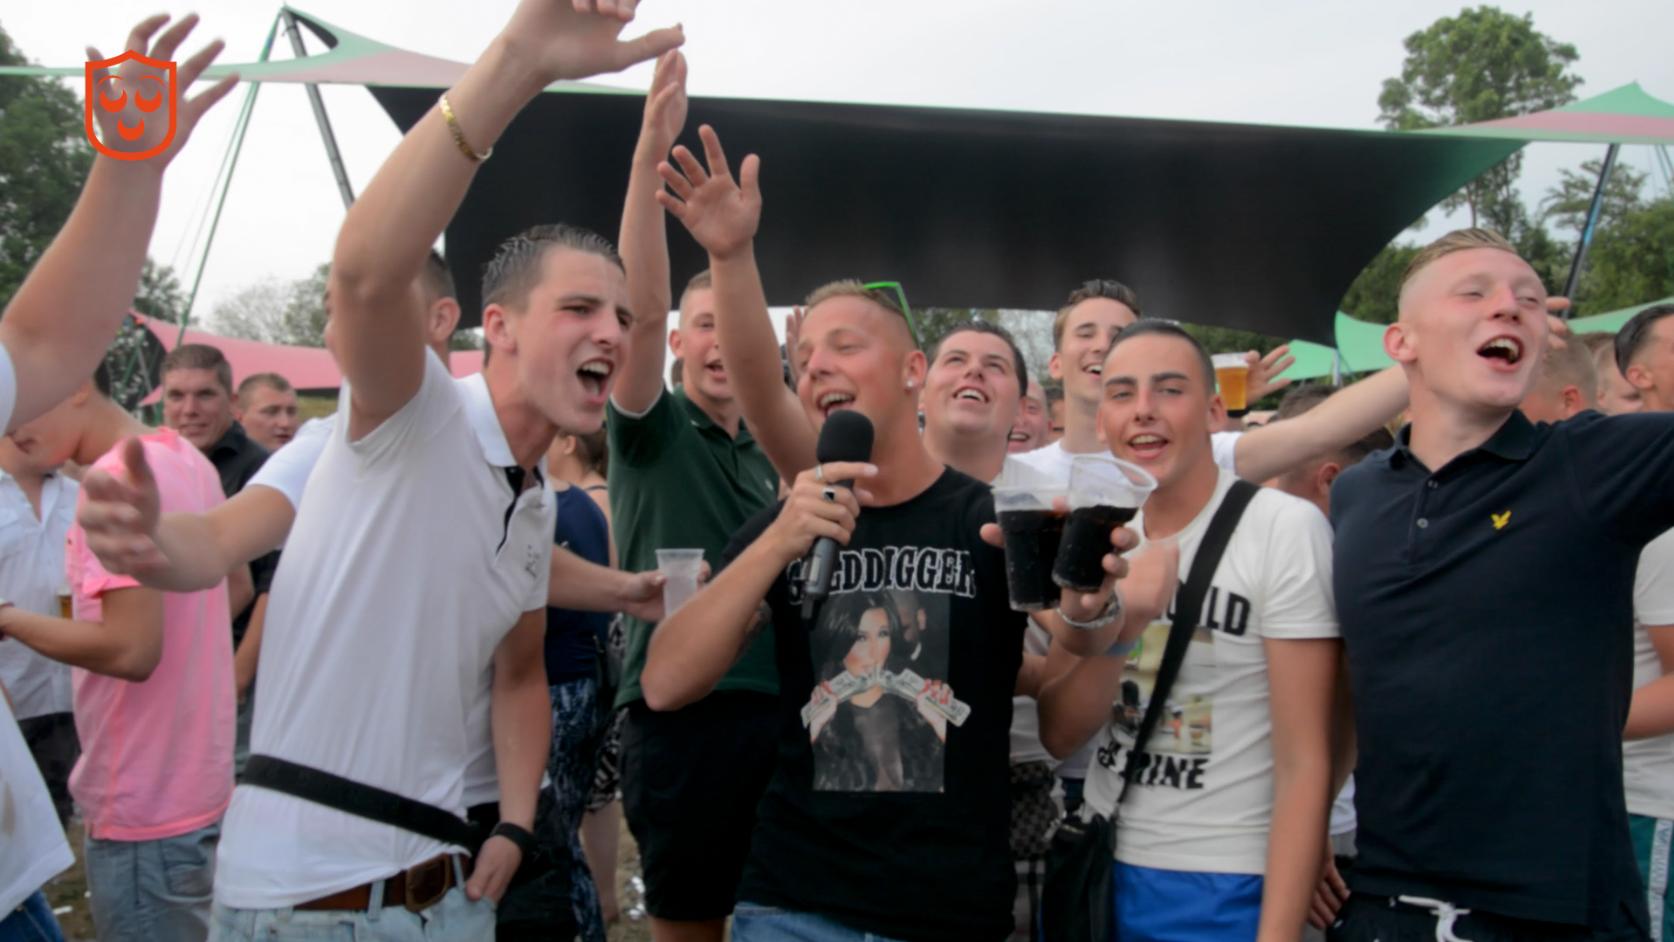 [VIDEO] Oosterhout Live #1: Gezellig meezingen!